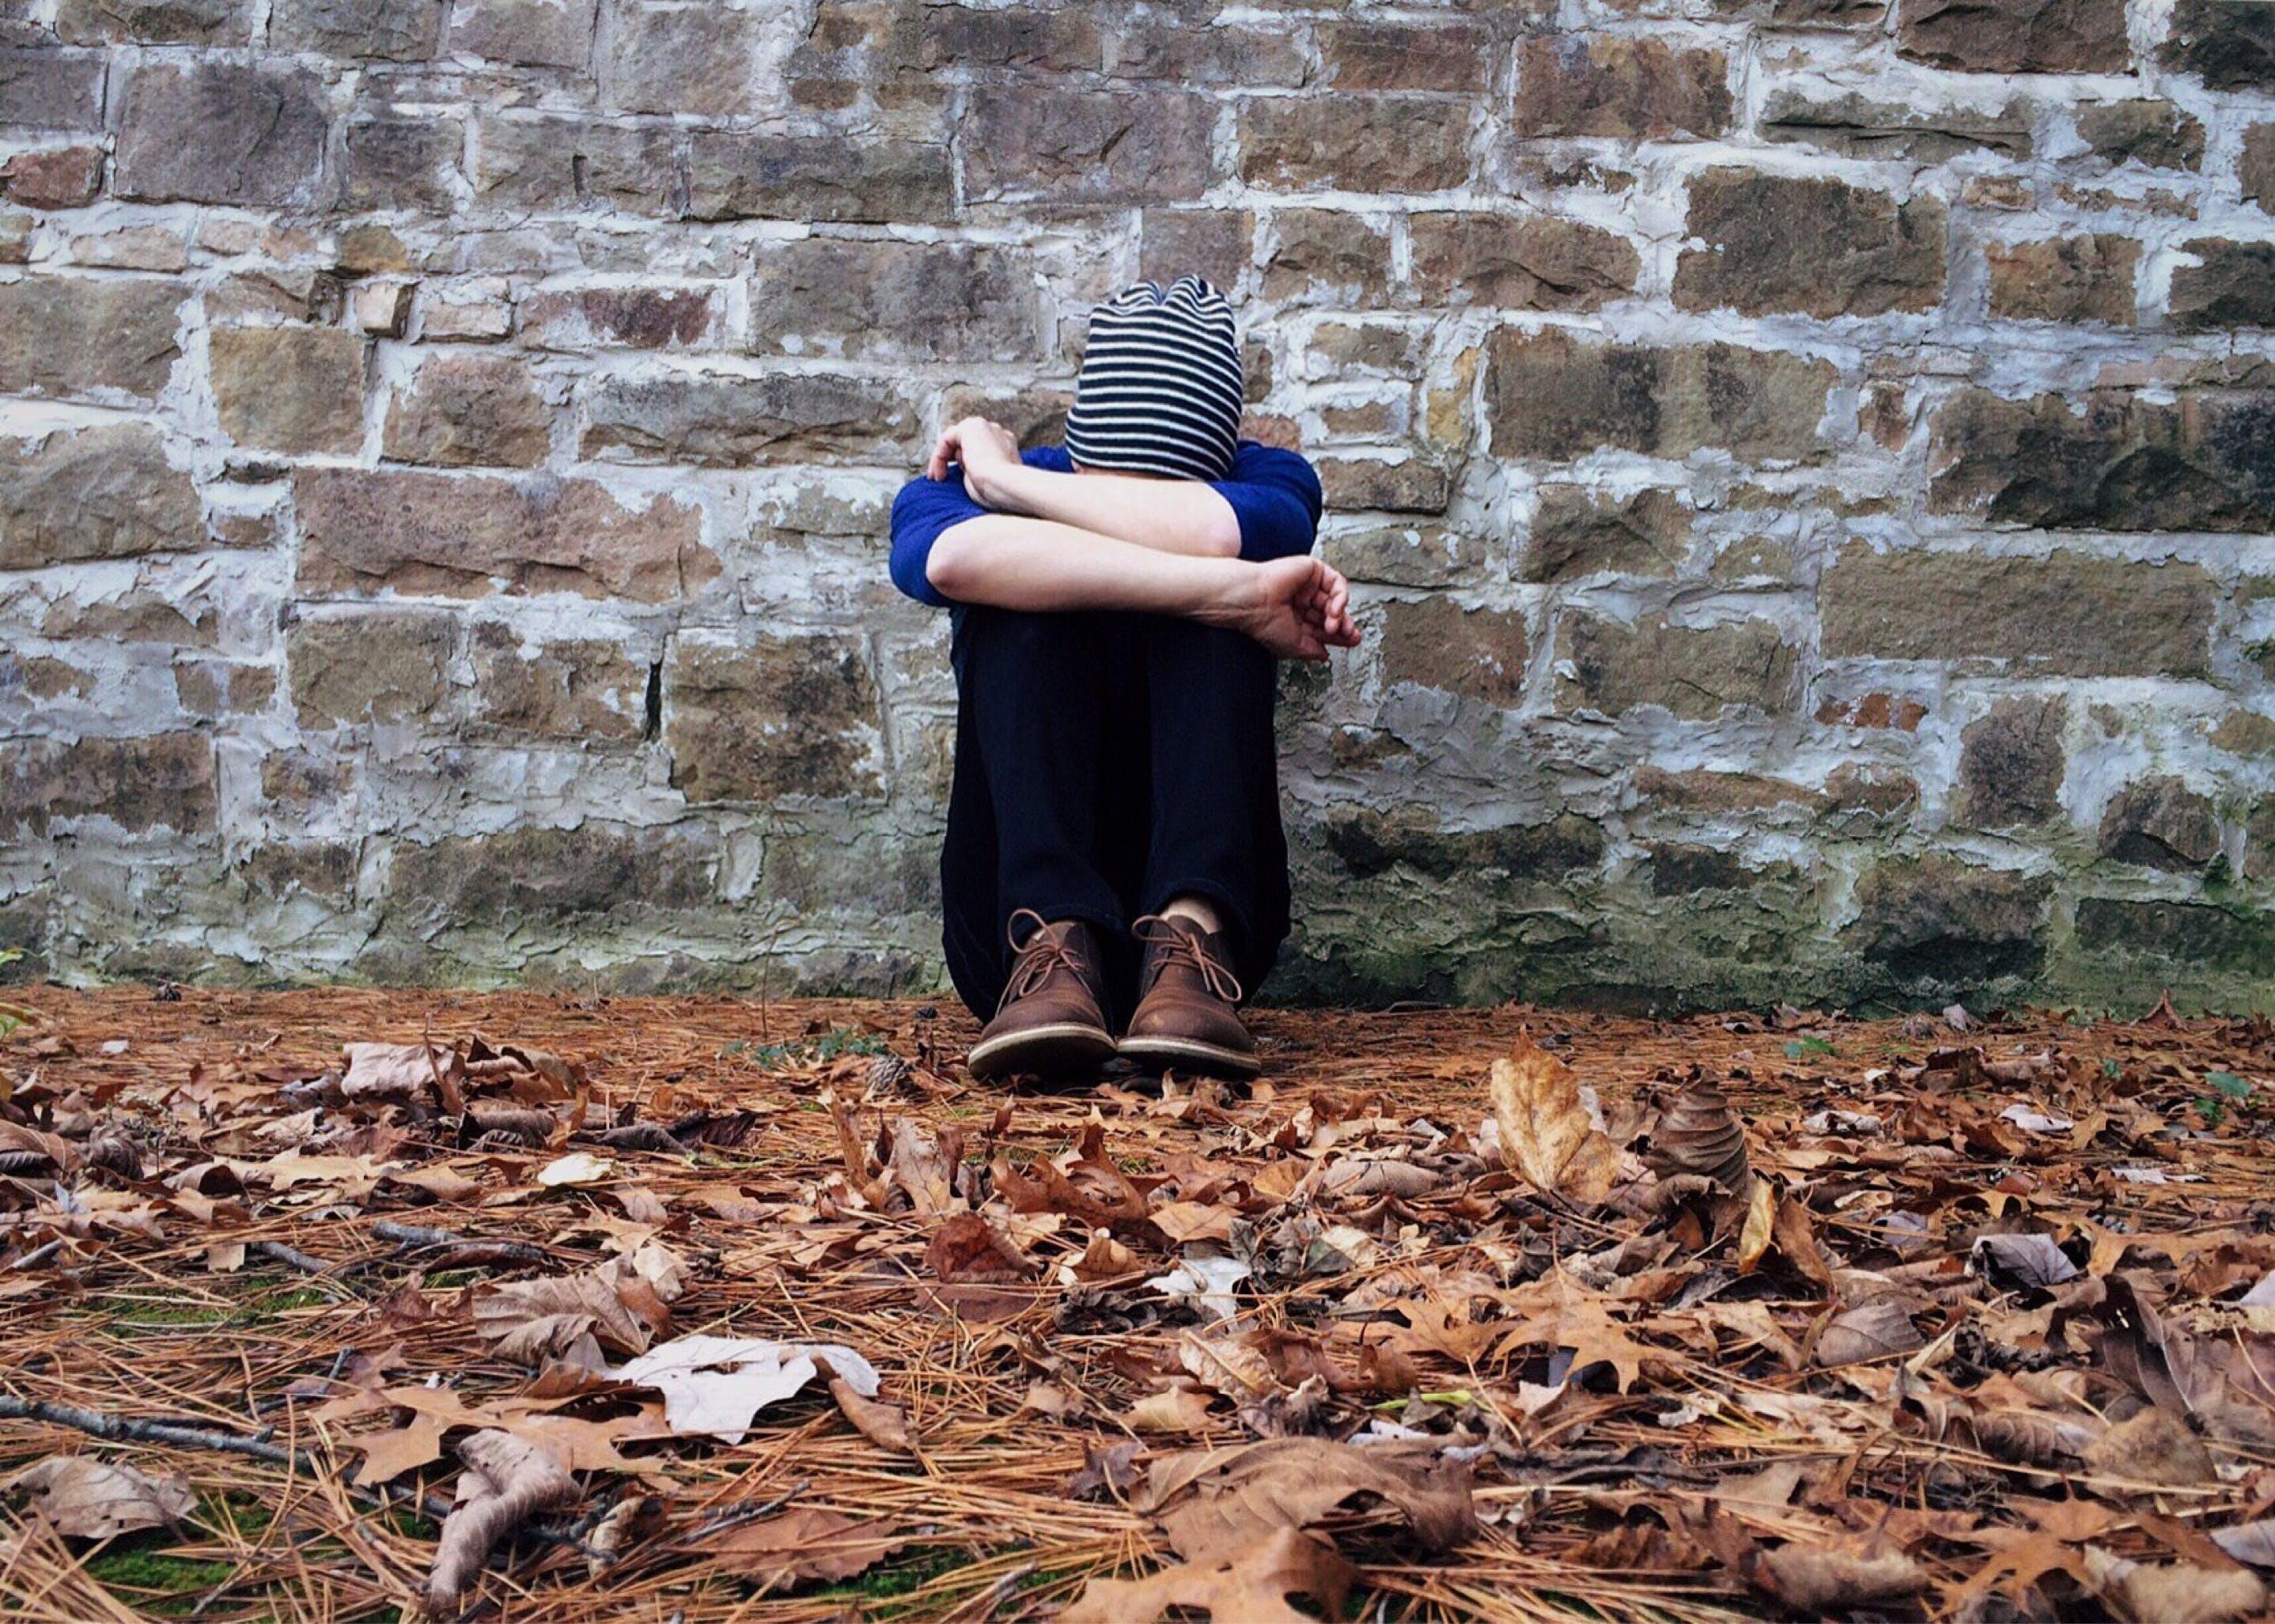 cegła, depresja, dorosły